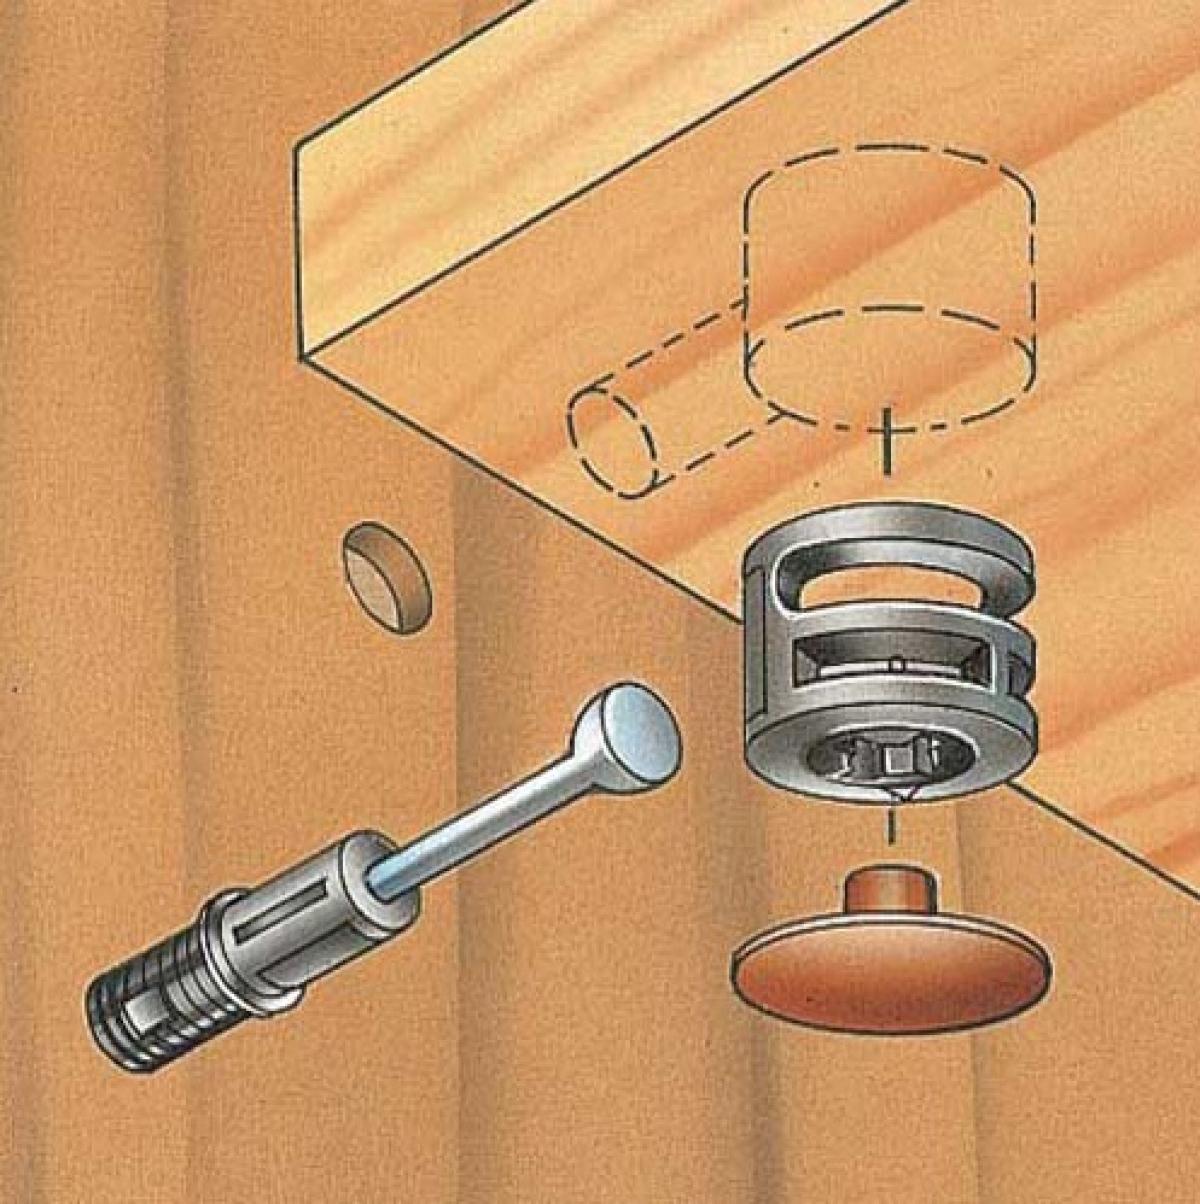 Мебельные эксцентриковые стяжки: плюсы и минусы крепежа, разновидности